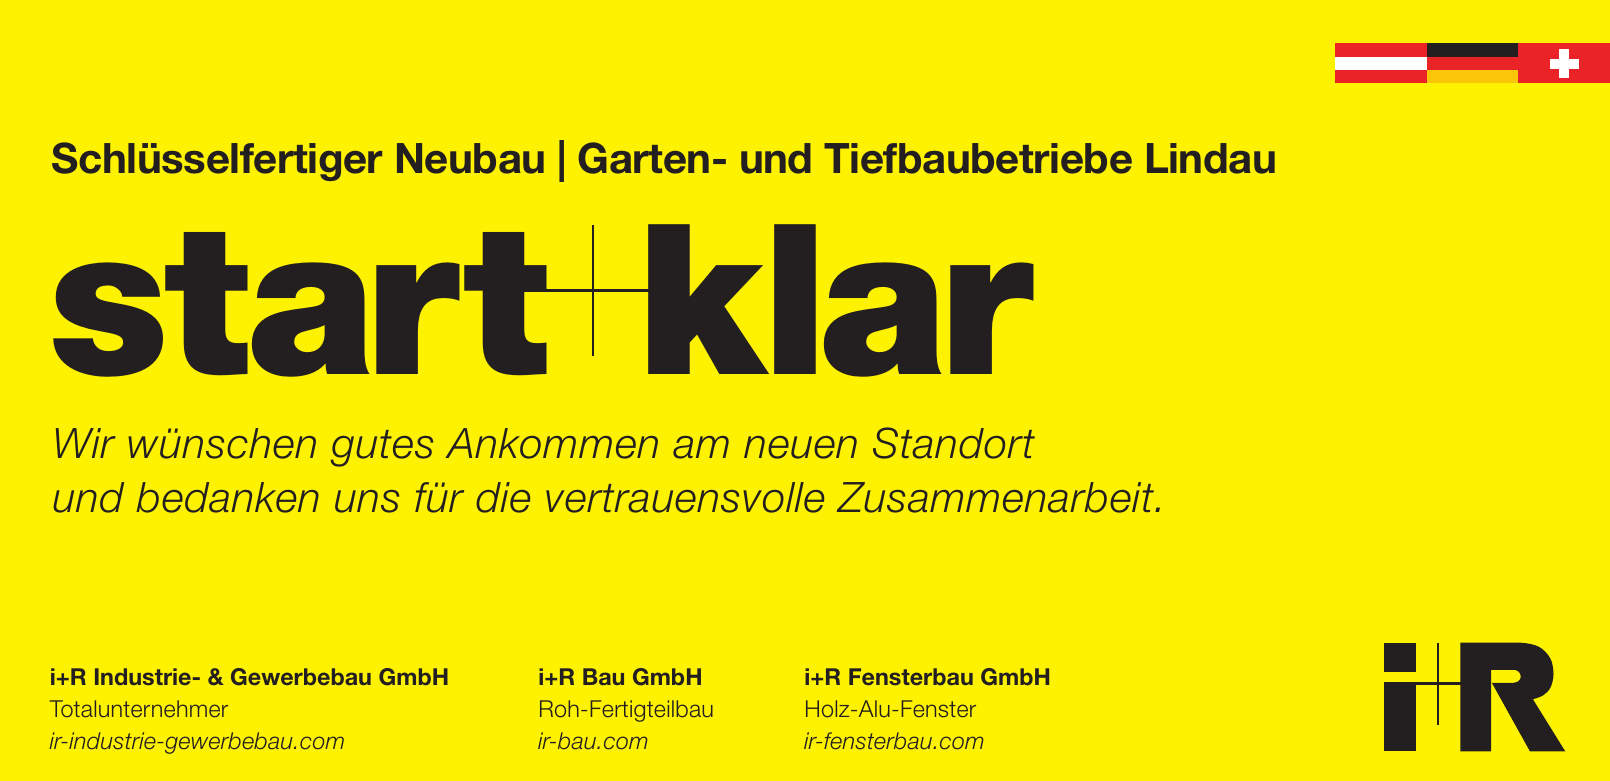 i+R Industrie- & Gewerbebau GmbH